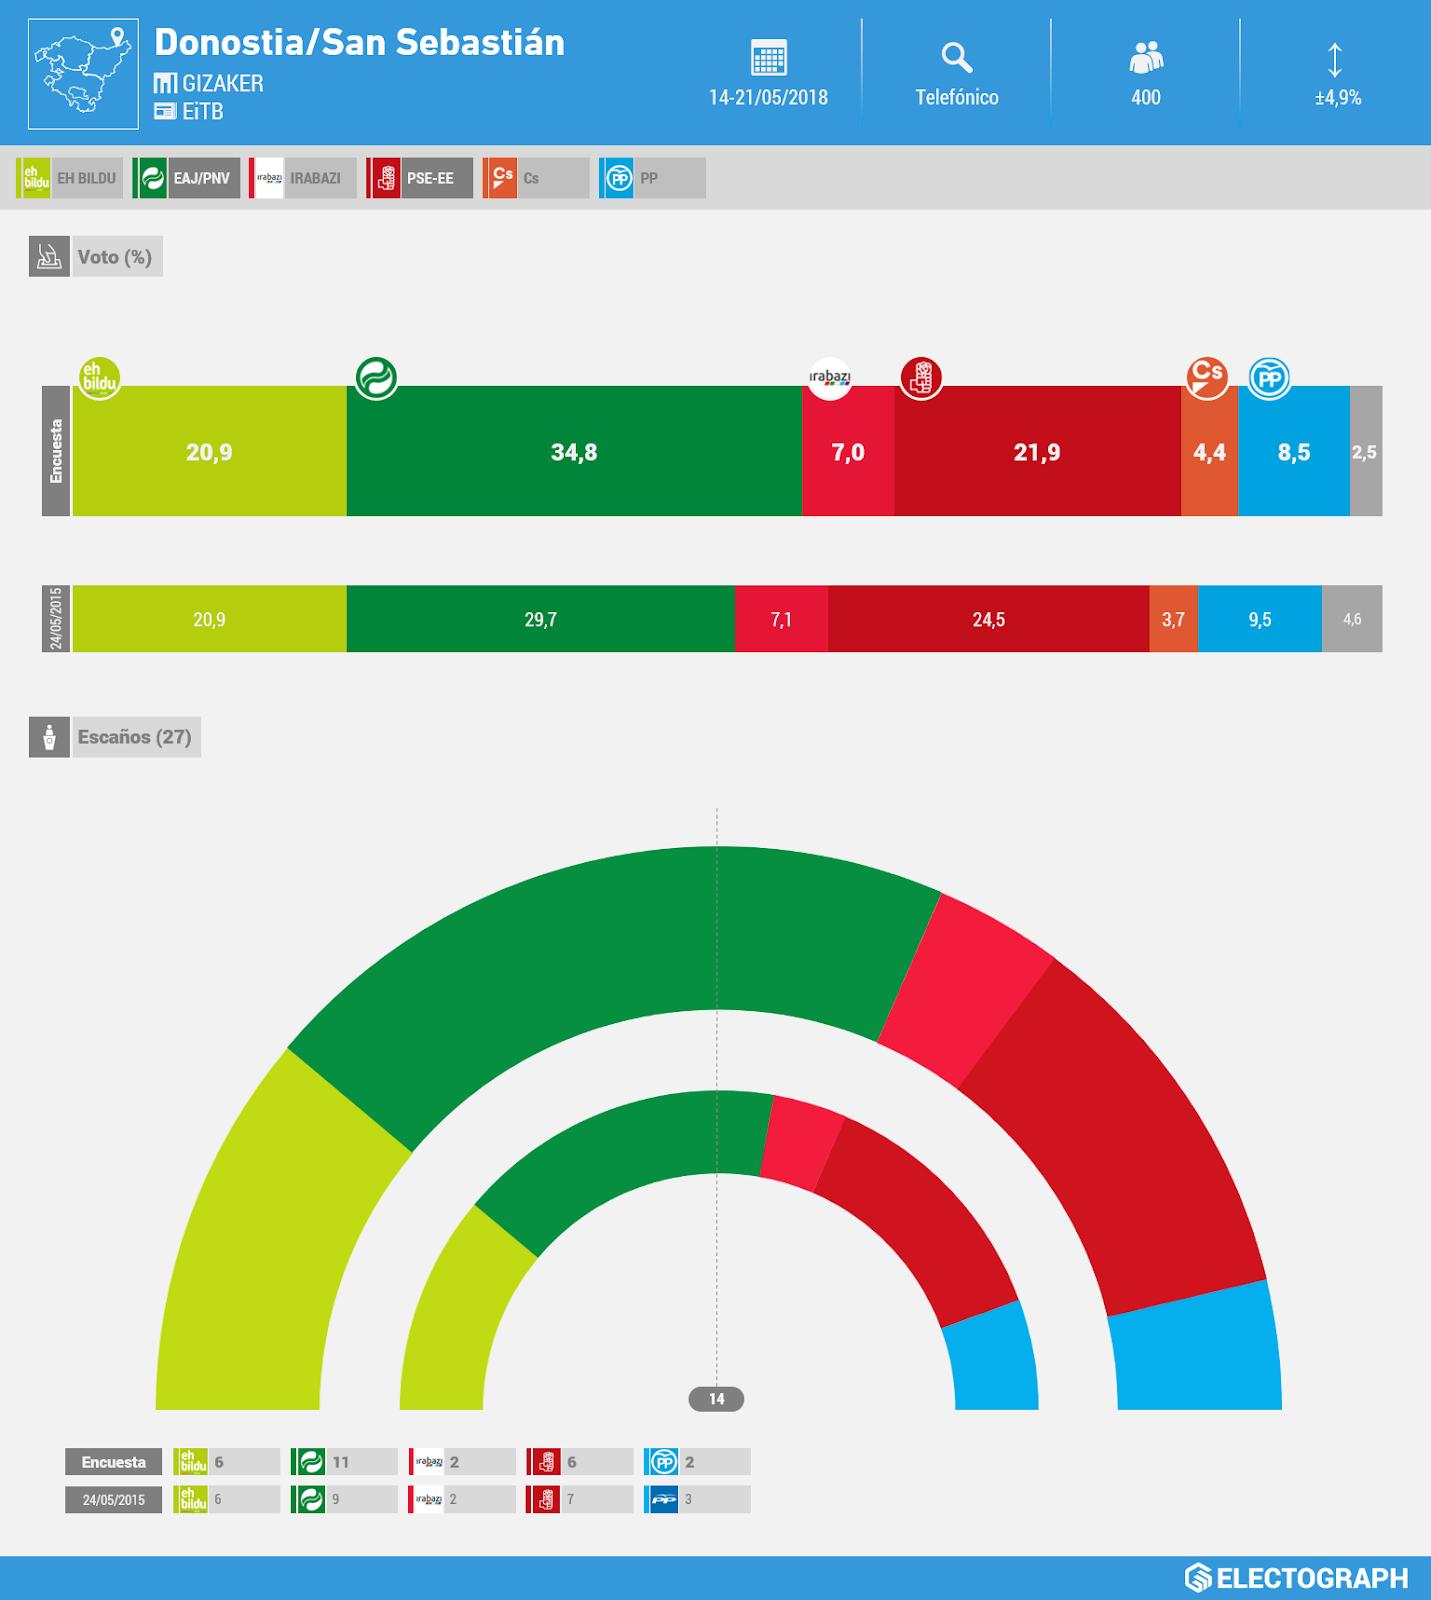 Gráfico de la encuesta para elecciones municipales en San Sebastián realizada por Gizaker para EiTB en mayo de 2018